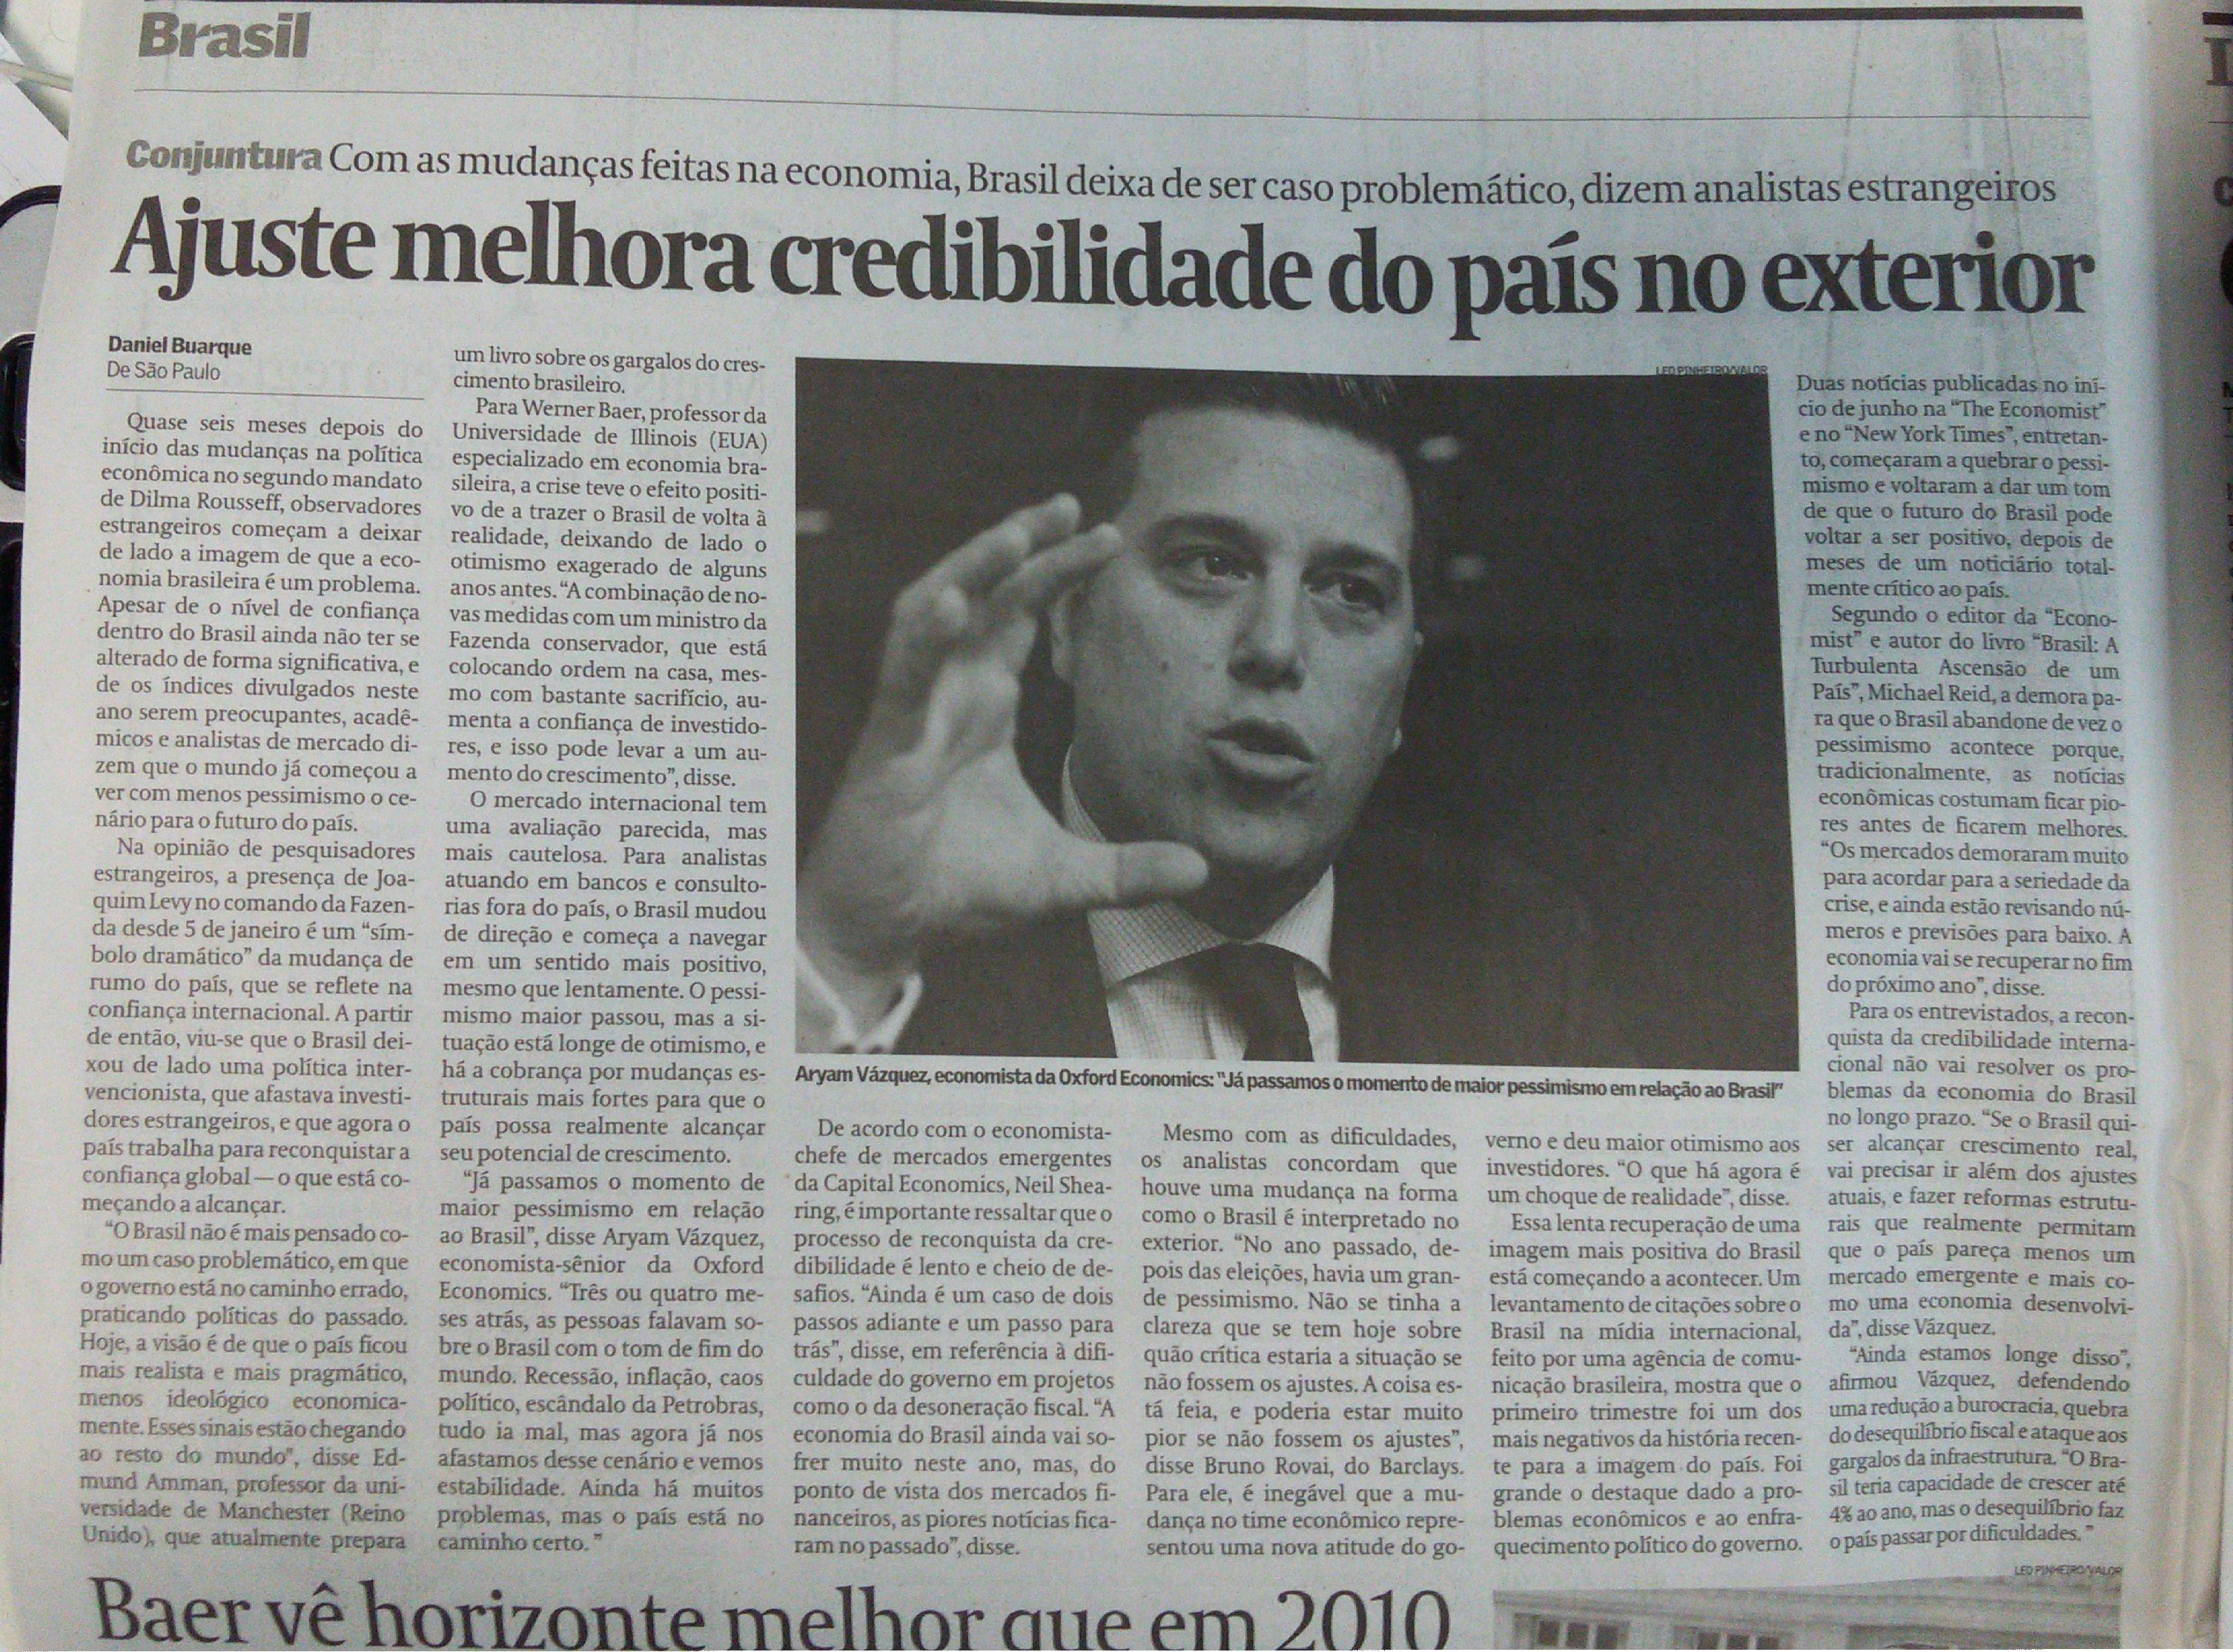 Reportagem do 'Valor Econômico' fala em melhora na credibilidade internacional do Brasil